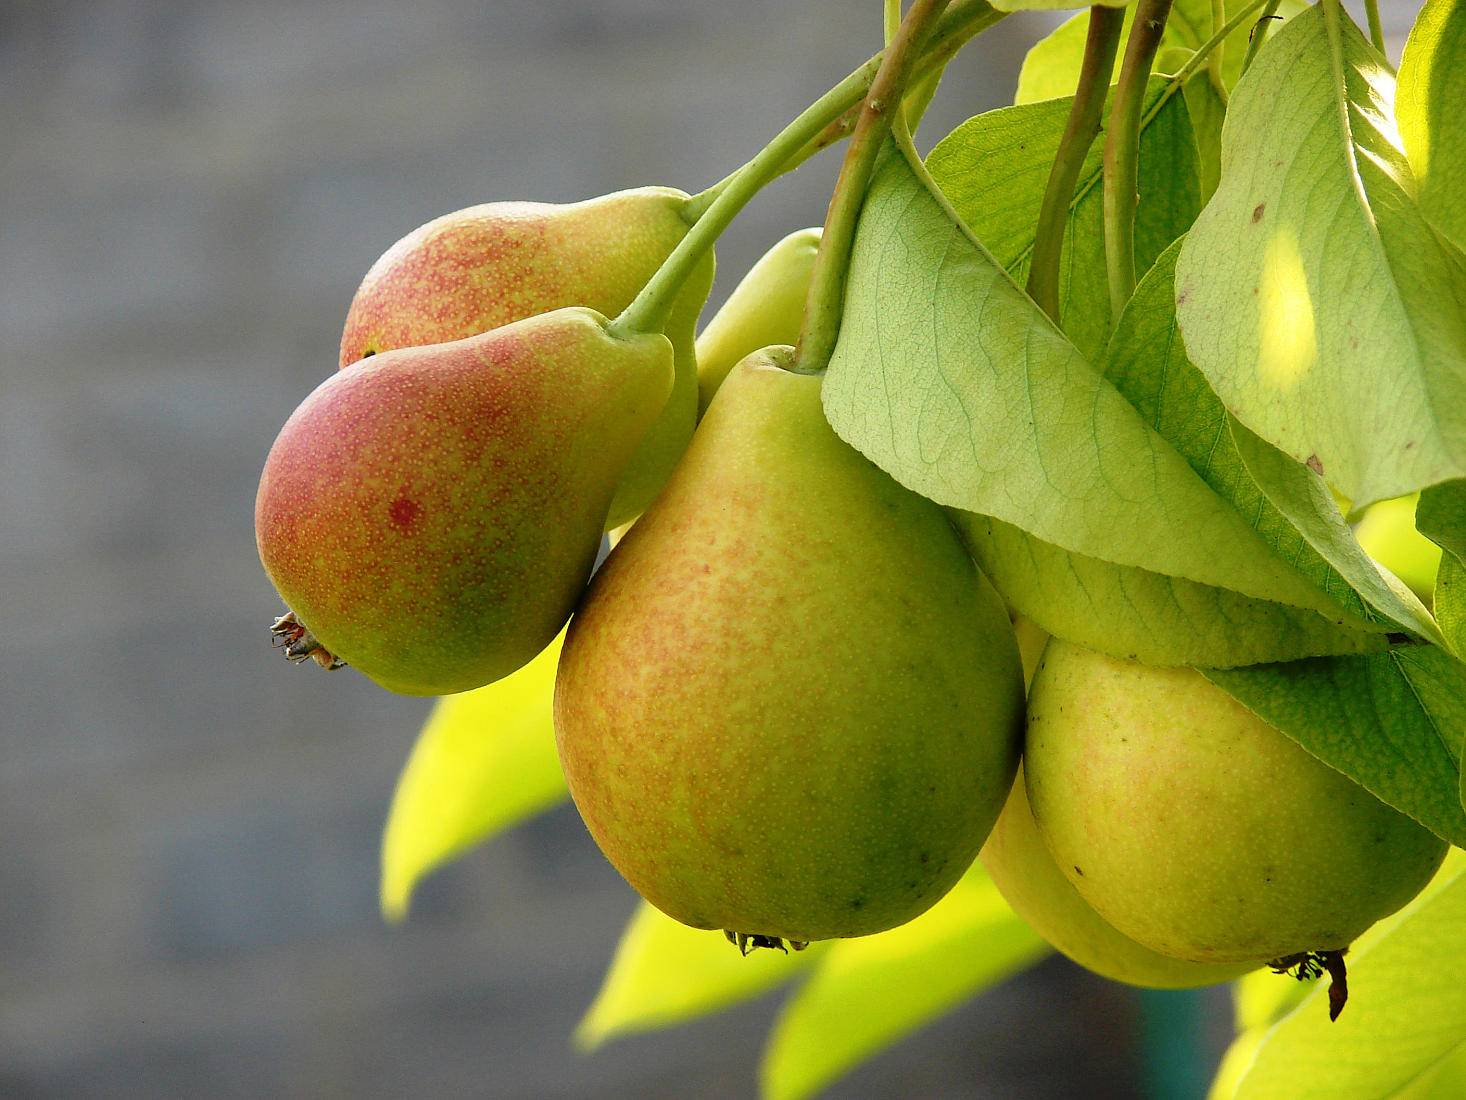 Зимняя груша ноябрьская — один из вкуснейших сортов